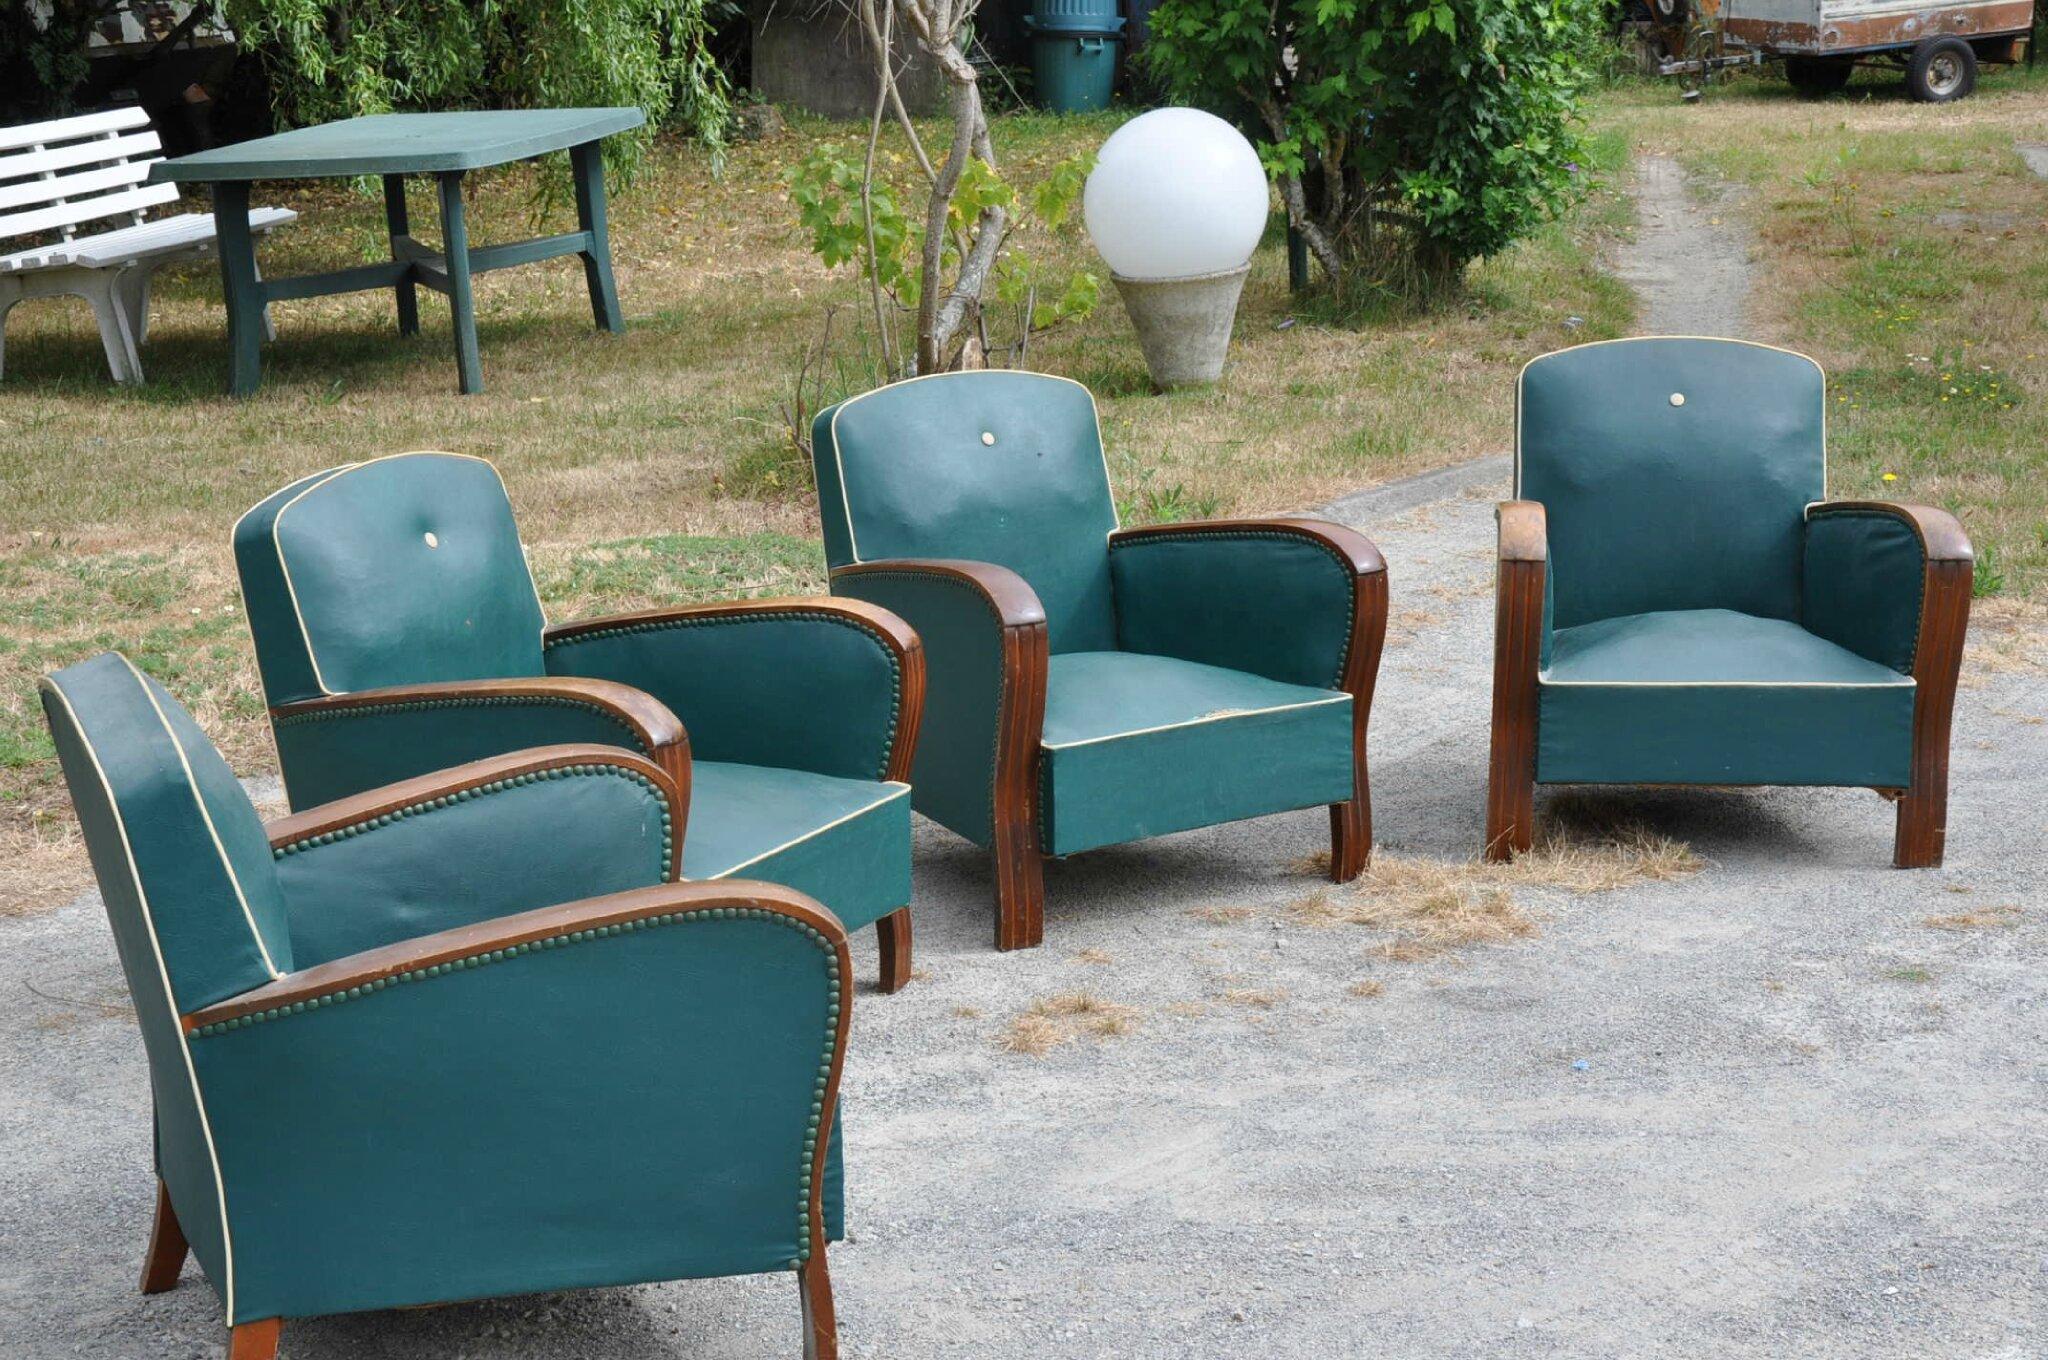 fauteuils club annees 50 articles vendus antiquit s du vingti me. Black Bedroom Furniture Sets. Home Design Ideas